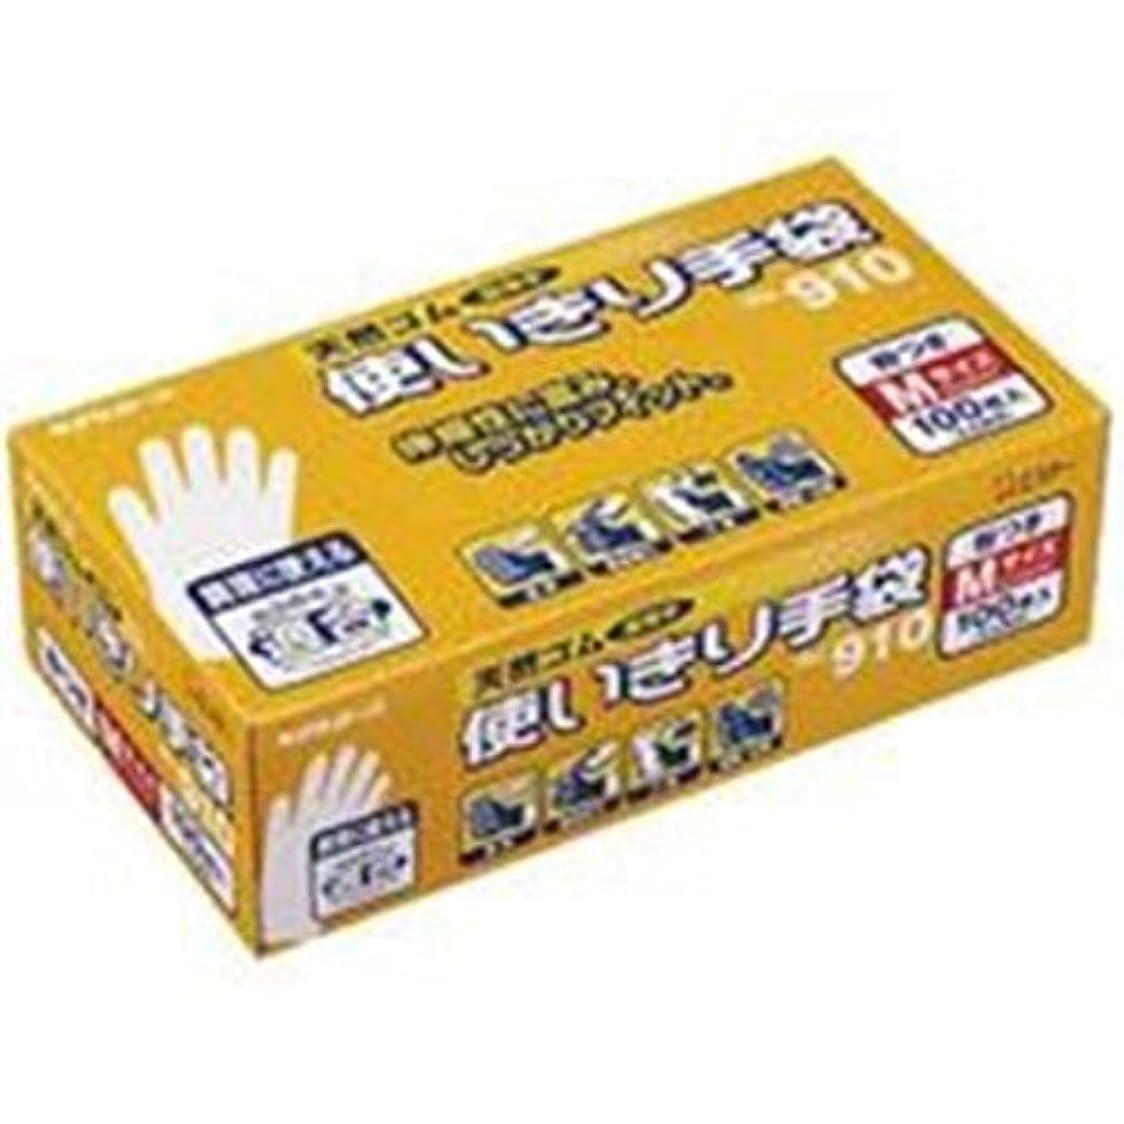 故国人気プロフェッショナルエステー 天然ゴム使い切り手袋 No.910 M 12箱